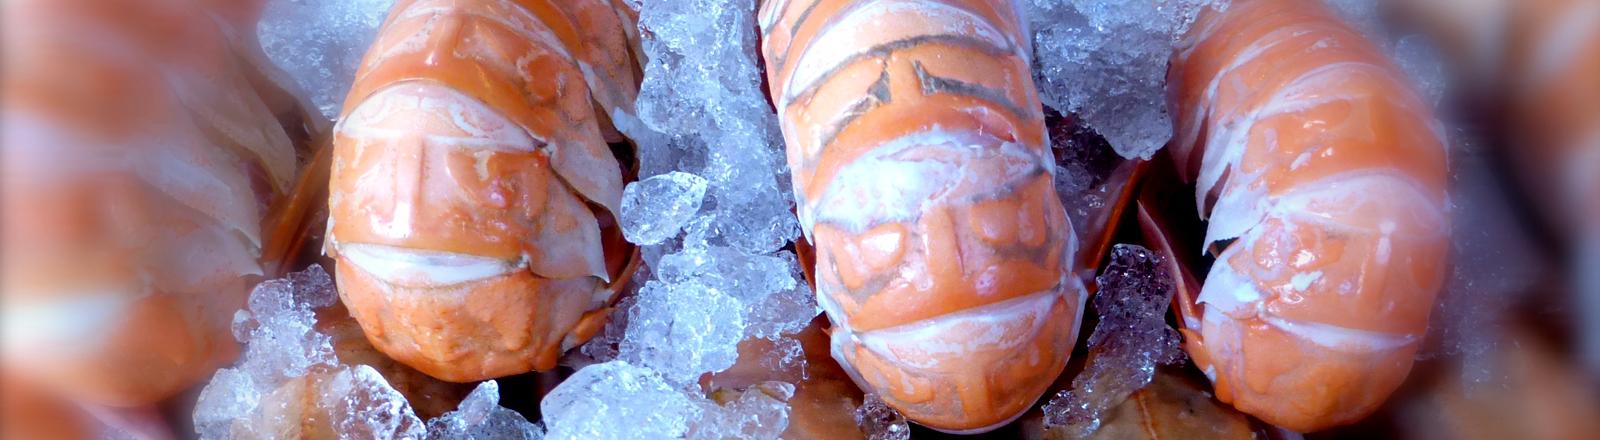 Scampi auf Eis